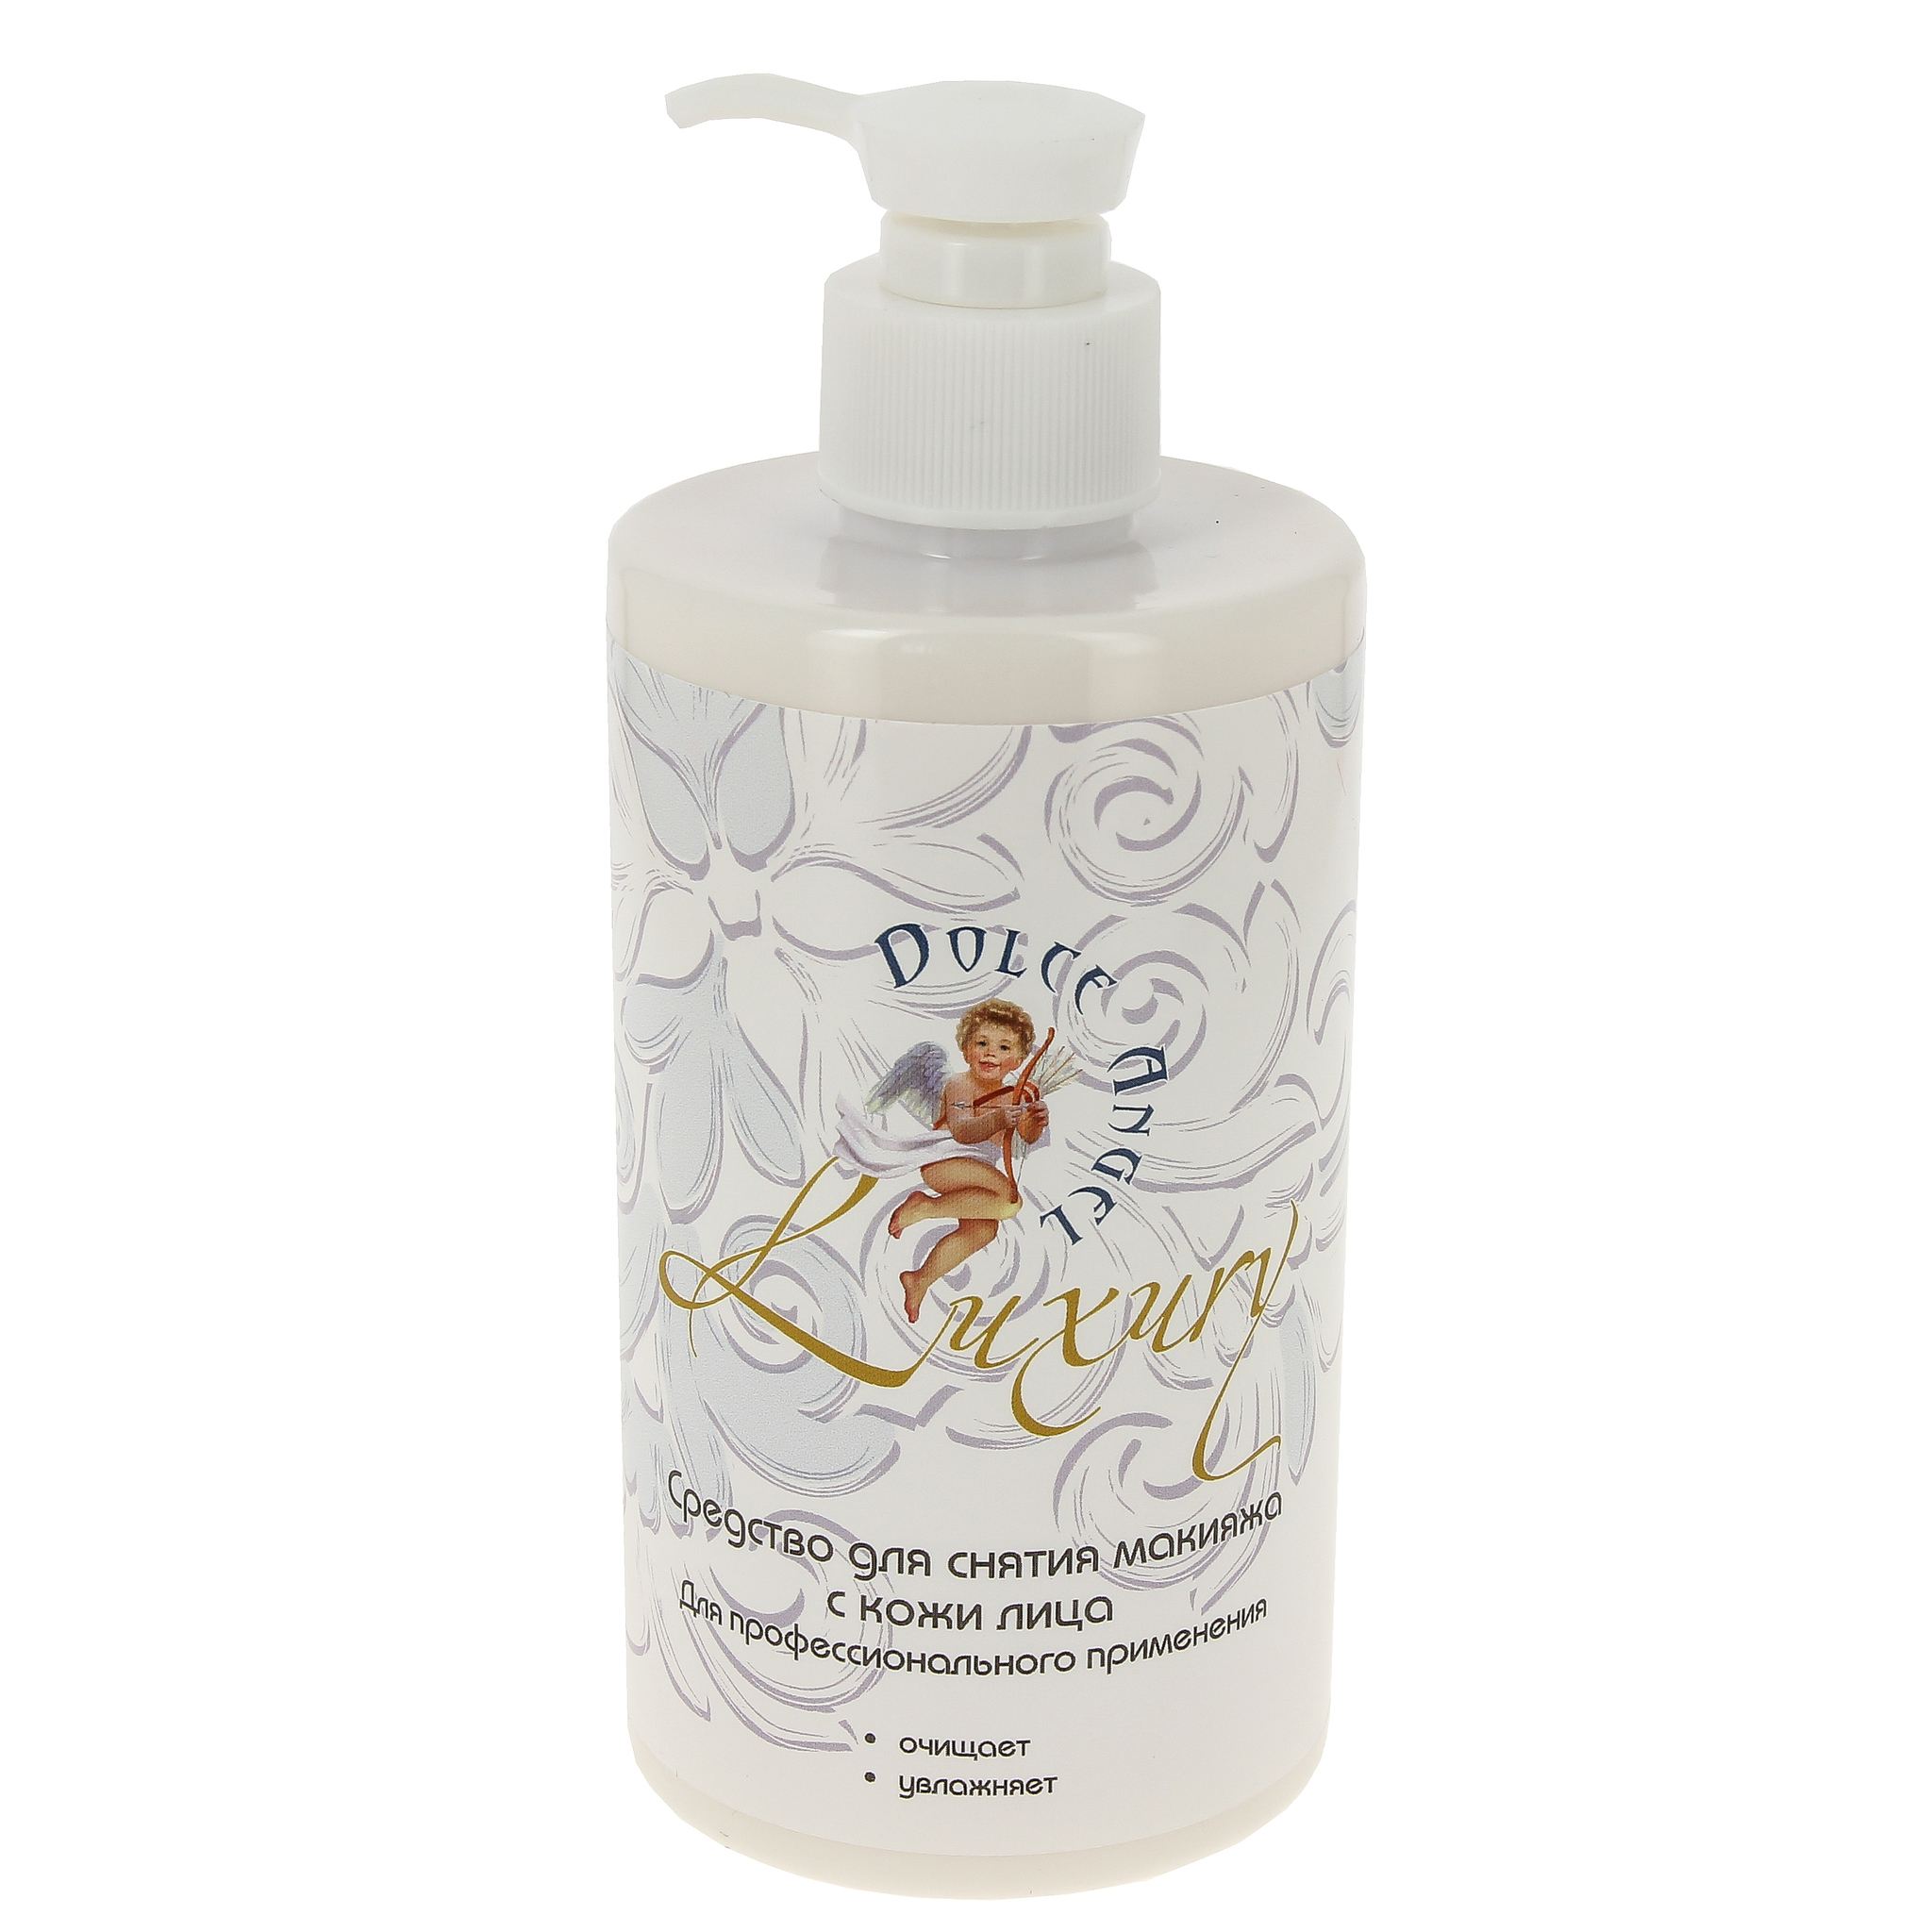 Средство для снятия макияжа Dolce Angel Luxury 460 мл